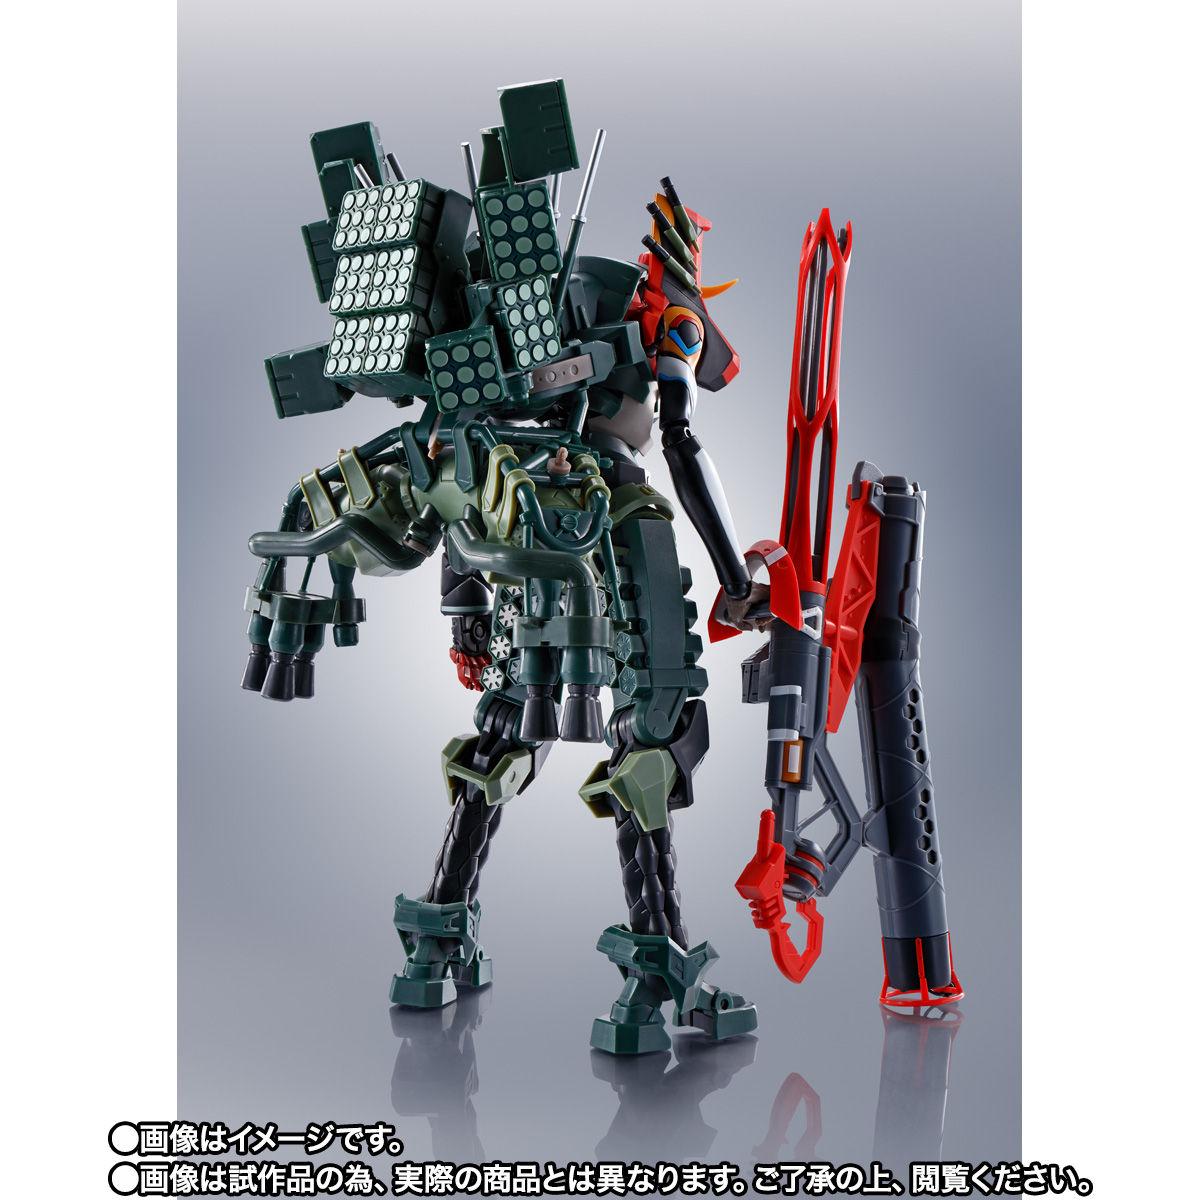 【限定販売】ROBOT魂〈SIDE EVA〉『エヴァンゲリオン新2号機α』シン・エヴァンゲリオン劇場版 可動フィギュア-004